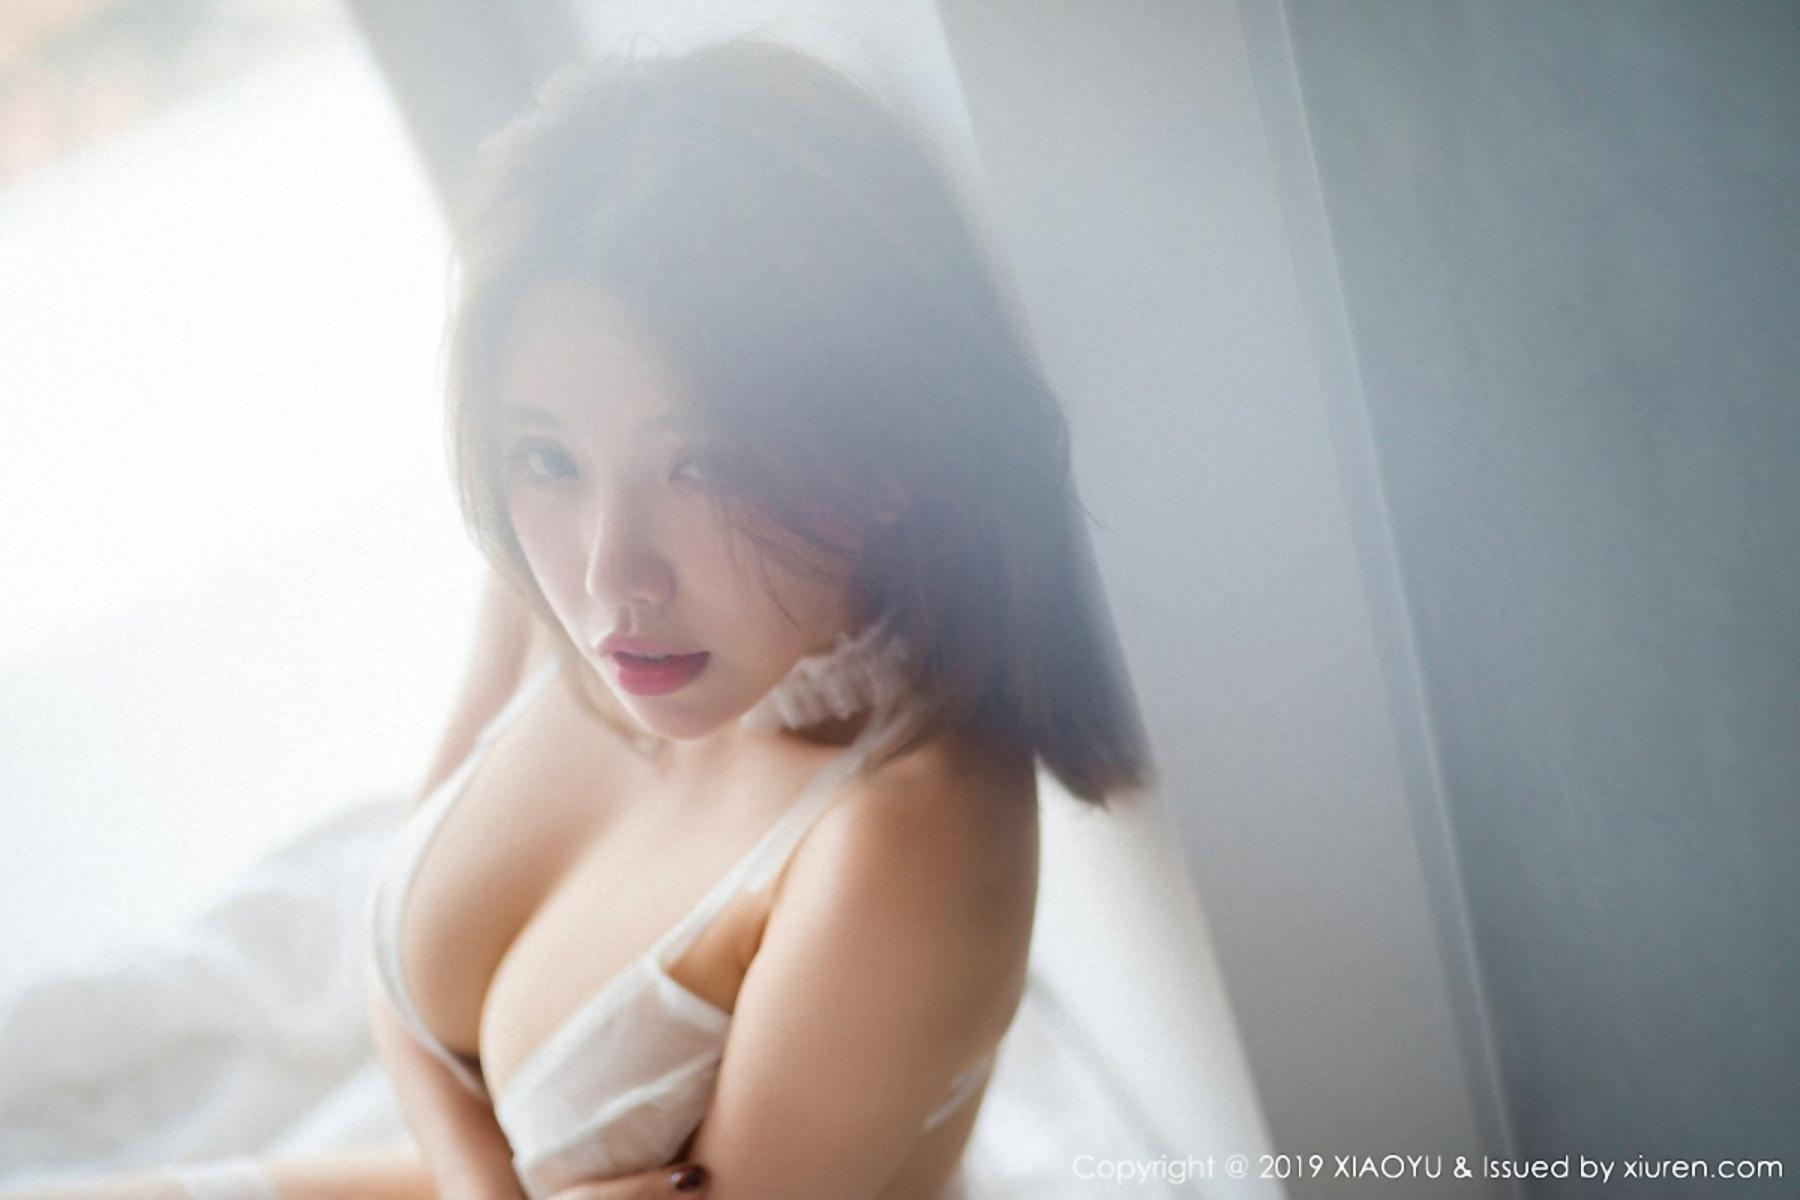 [XiaoYu] Vol.047 Huang Le Ran 35P, Huang Le Ran, Wet, XiaoYu